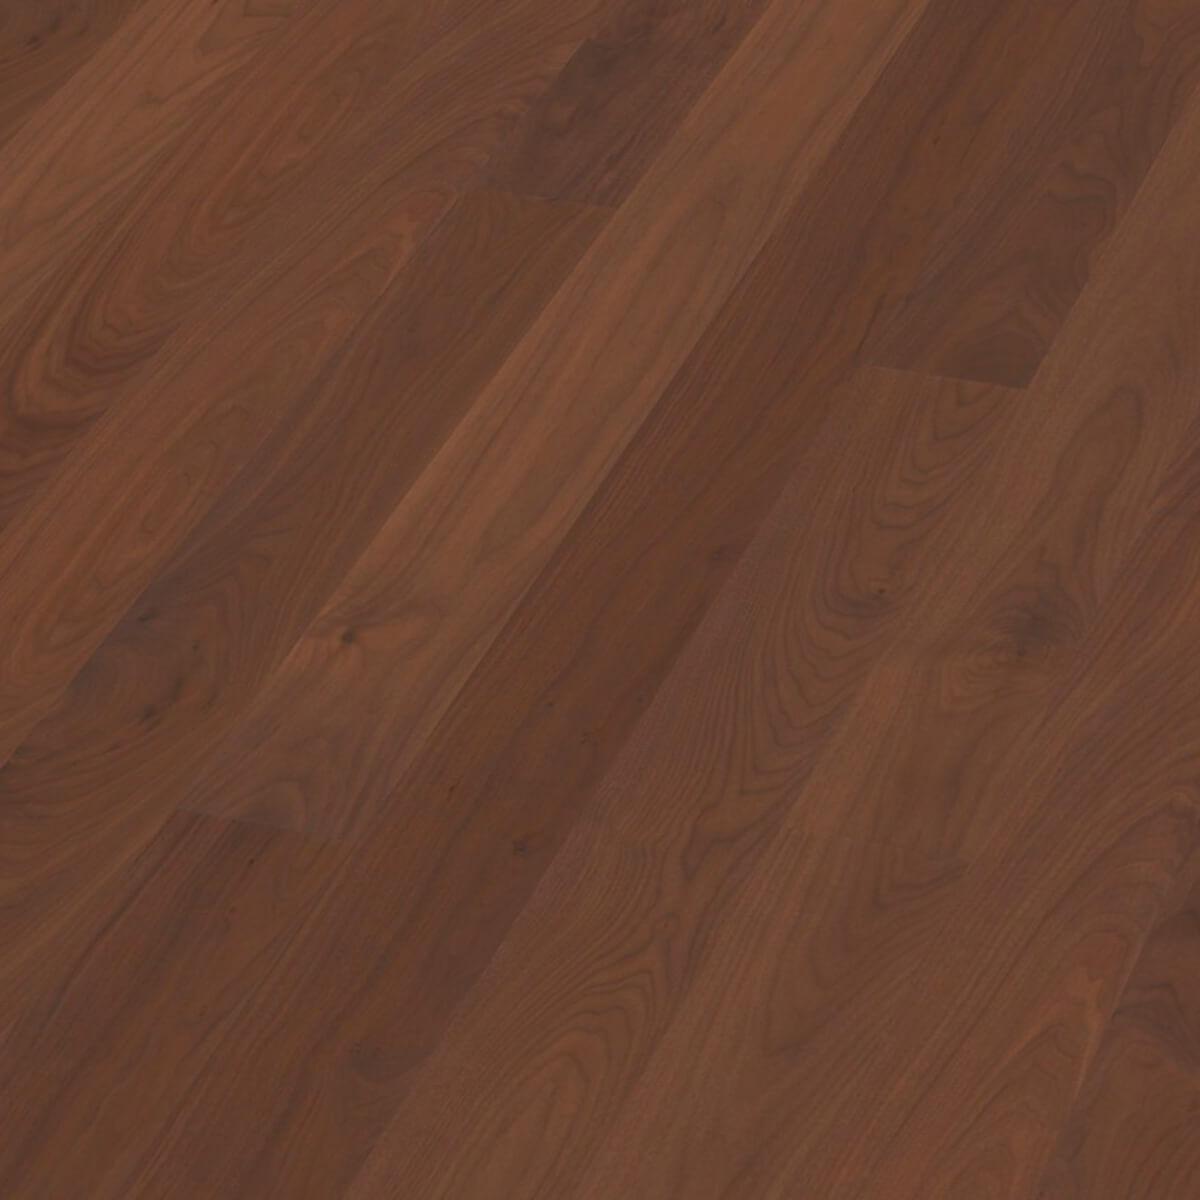 Parchet stratificat nuc american plank_1